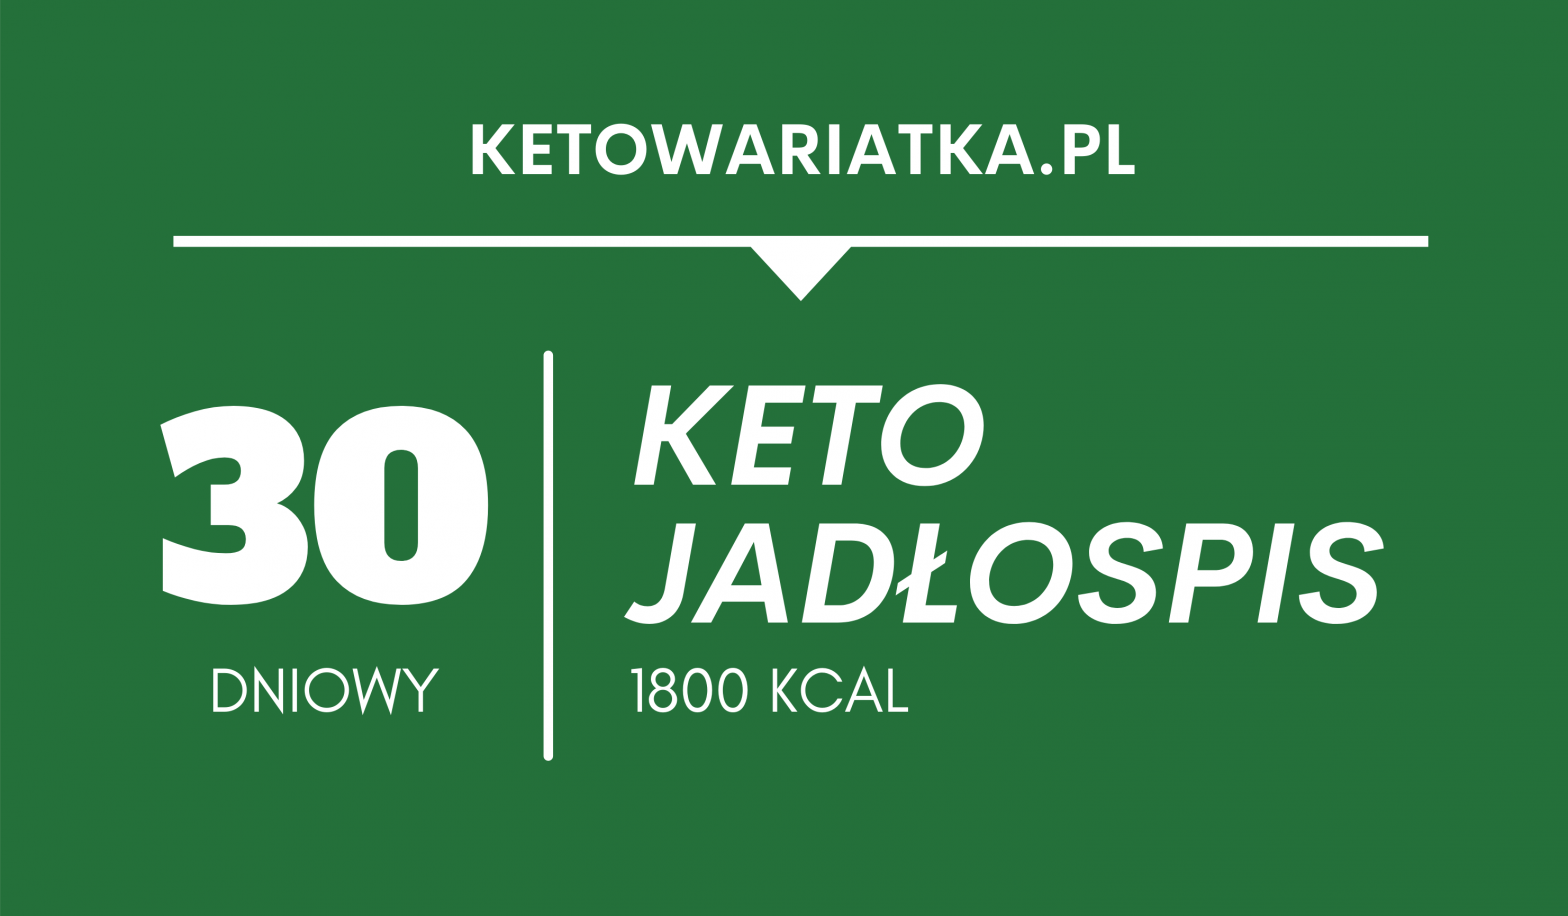 Keto jadłospis - 30 dni (1800 kcal)